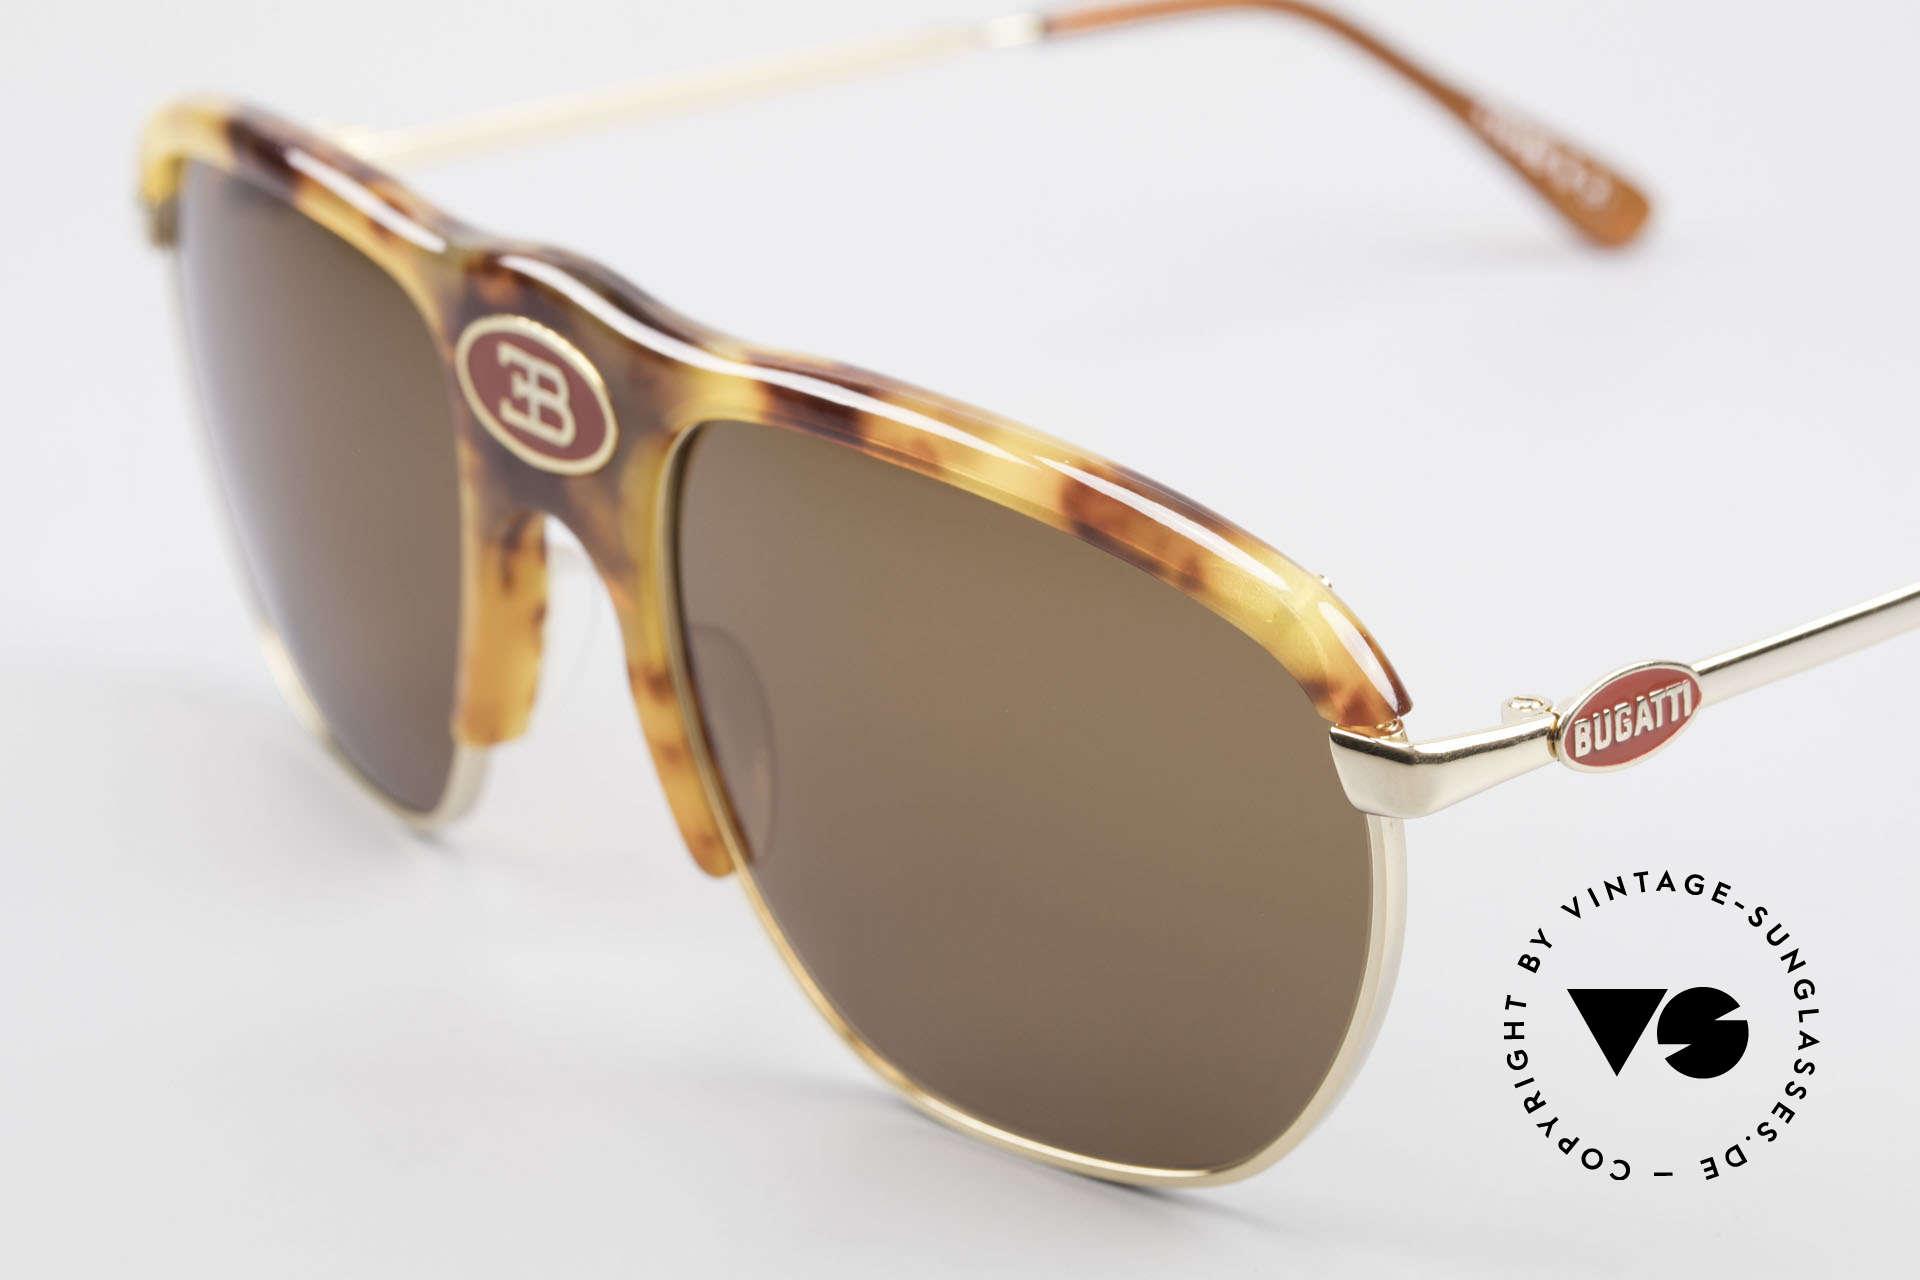 Bugatti 65218 Alte 70er Bugatti Sonnenbrille, kostbare RARITÄT und ein absolutes Sammlerstück!, Passend für Herren